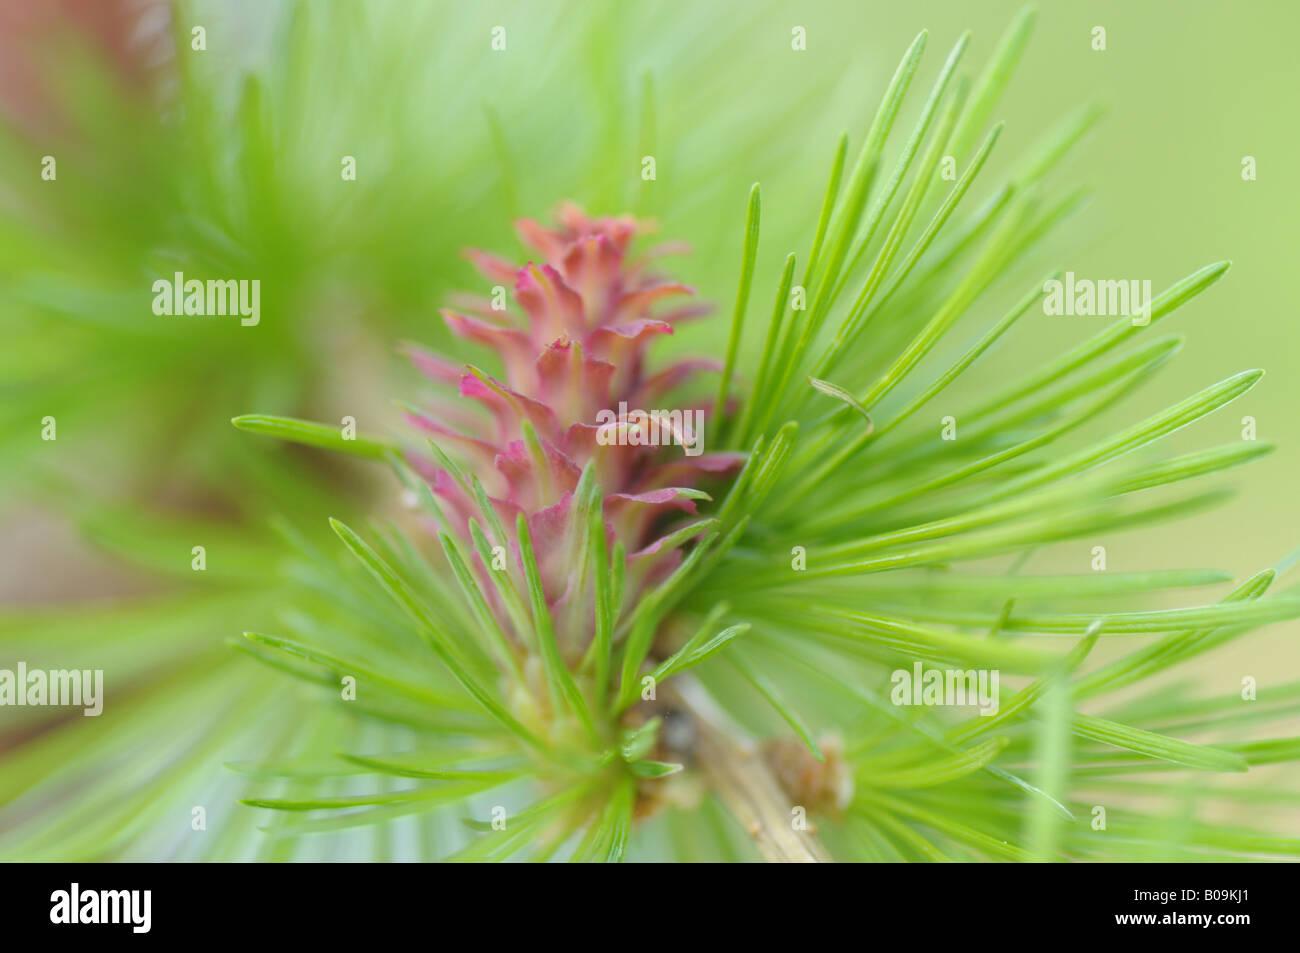 La flor femenina de un árbol alerce (Larix decidua) Foto de stock